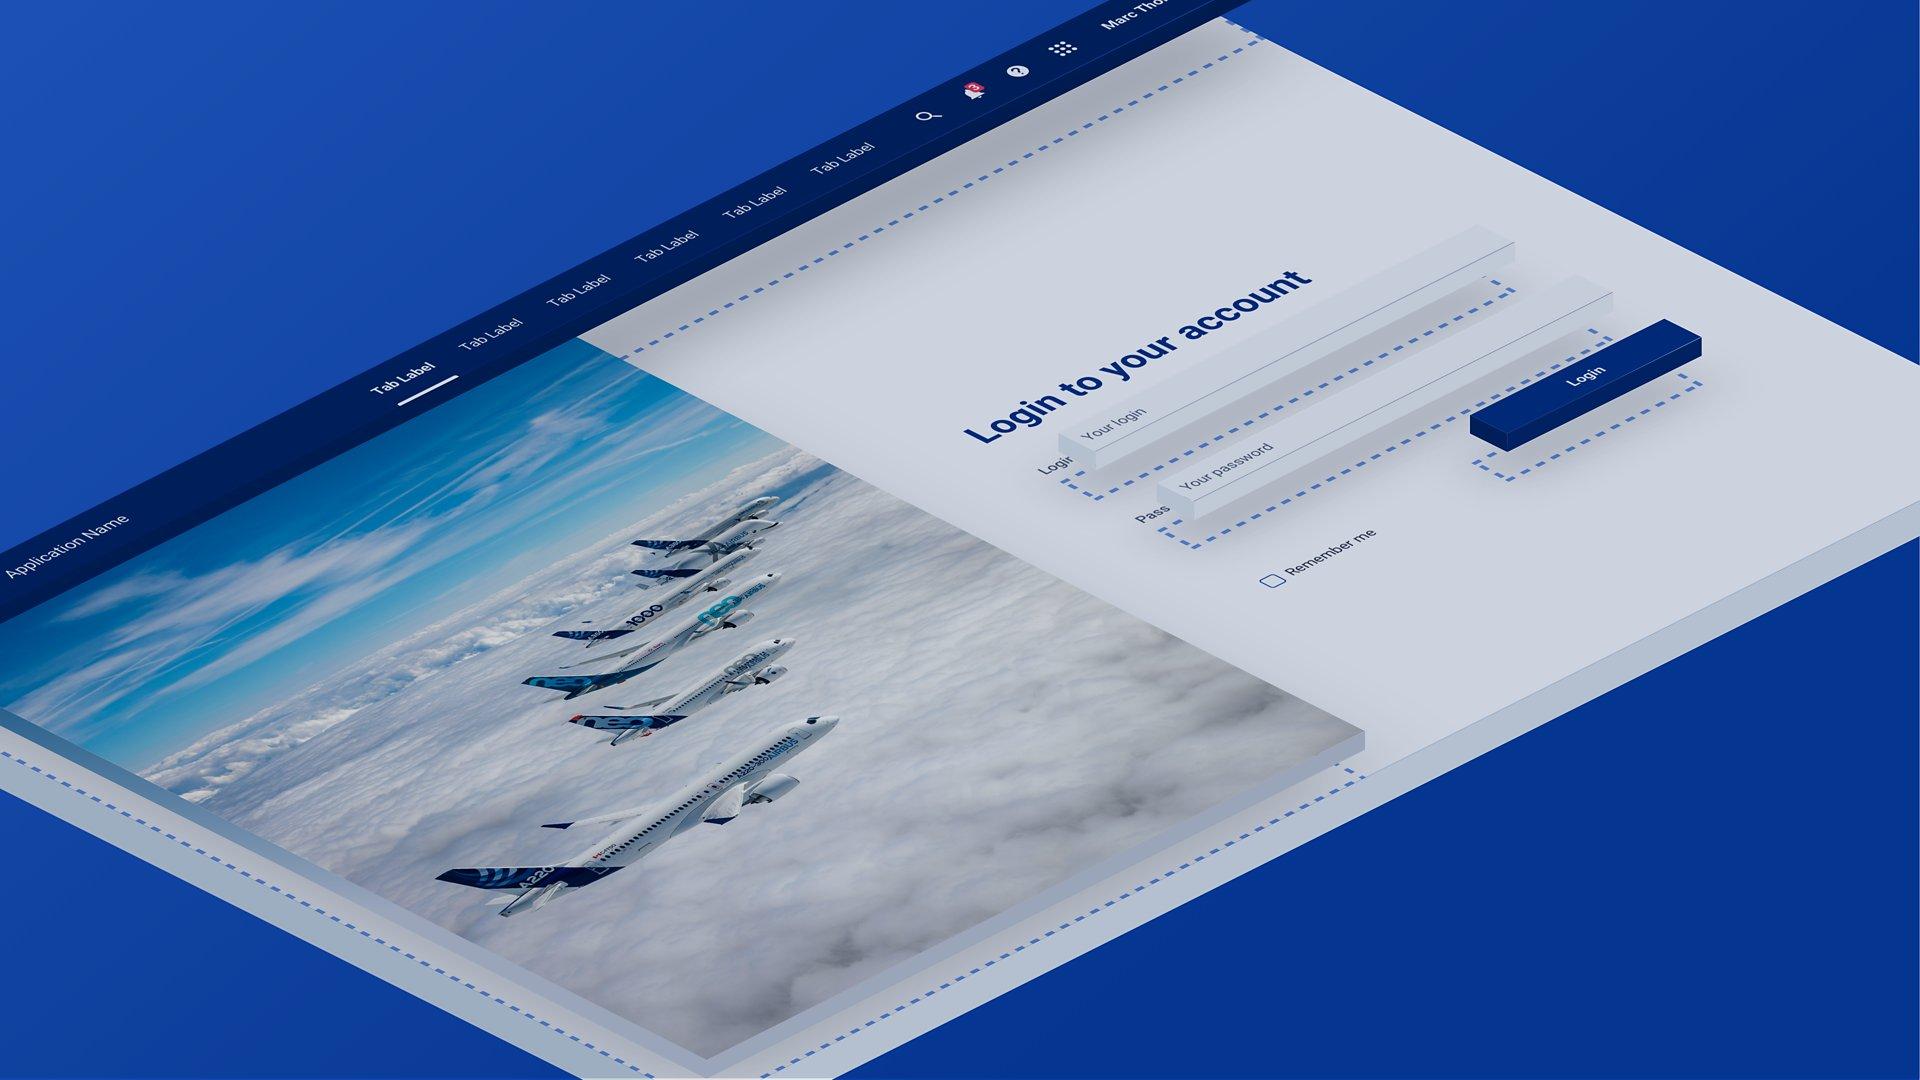 Airbus Design System